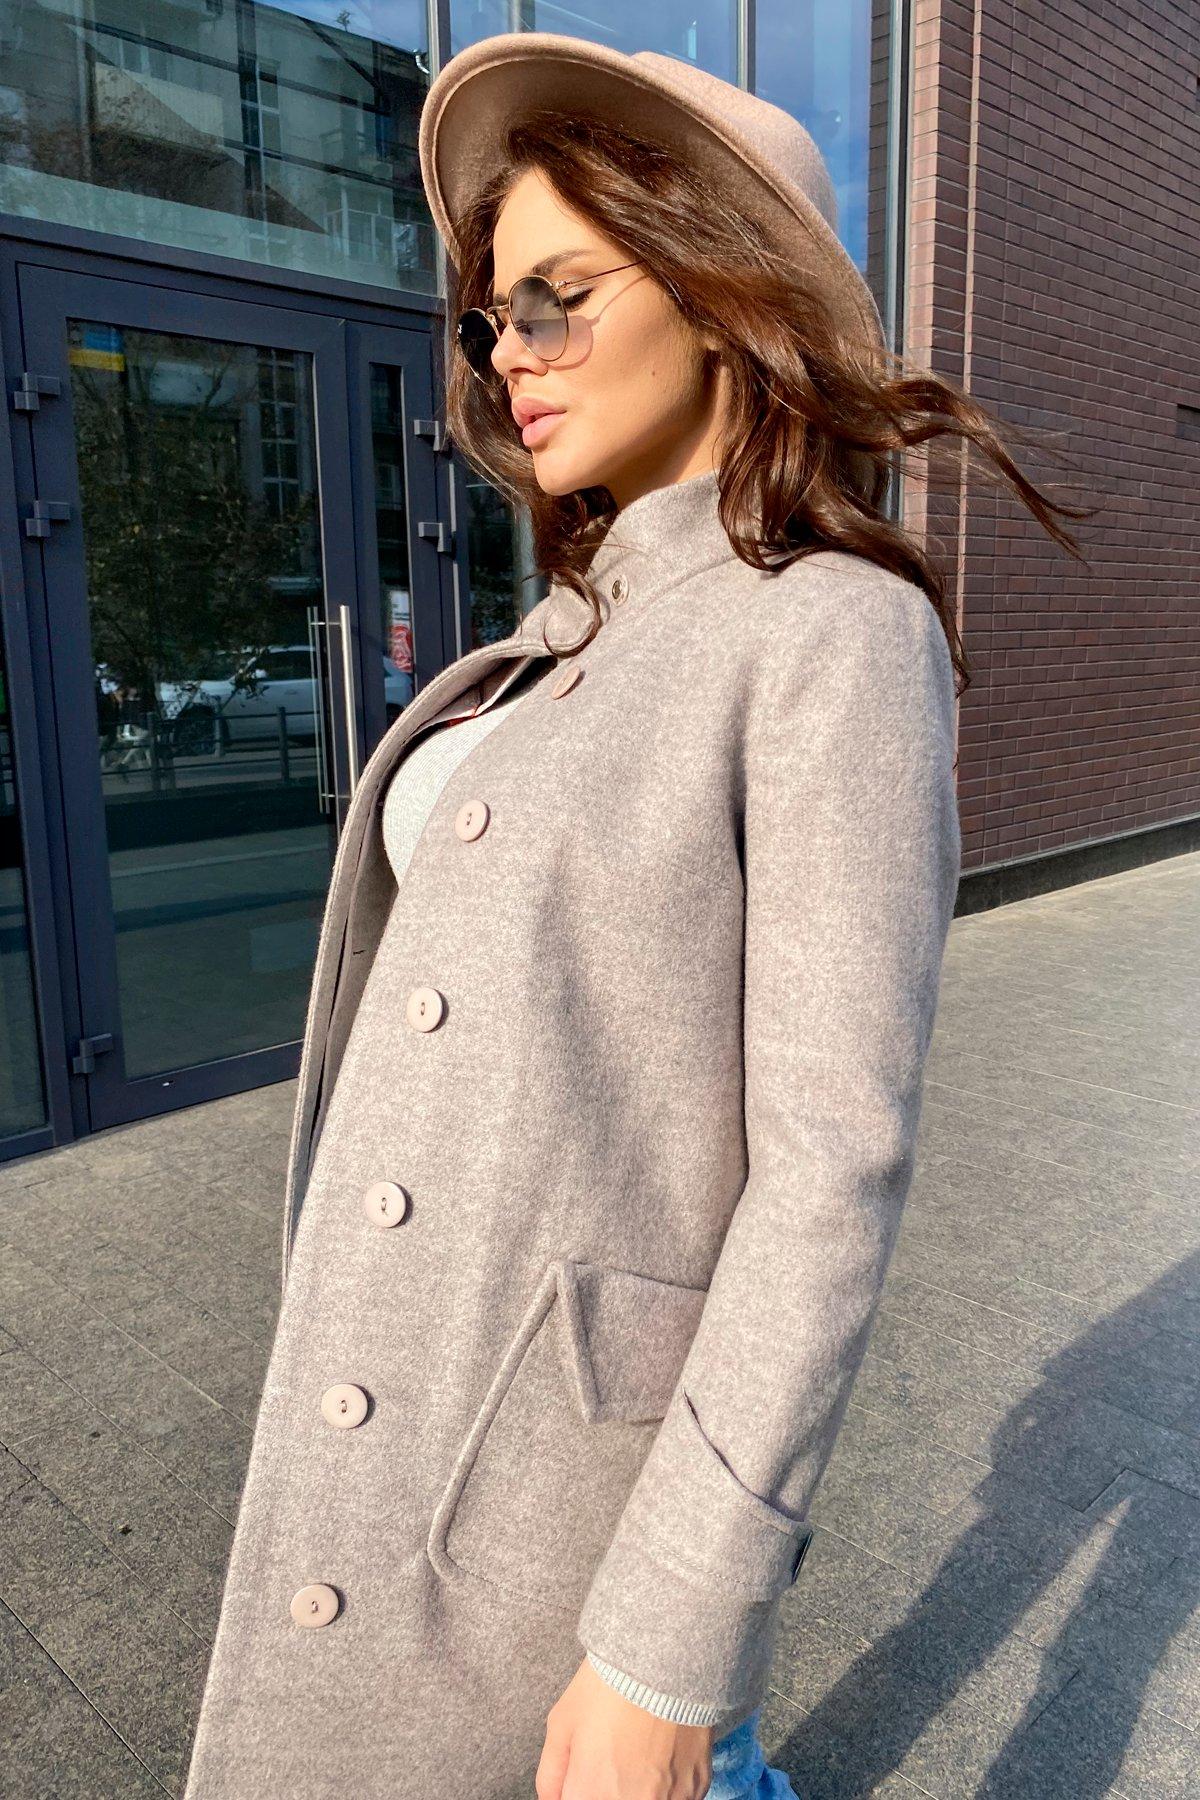 Демисезонное пальто с воротником стойка Эста 5417 АРТ. 37566 Цвет: Бежевый 31 - фото 3, интернет магазин tm-modus.ru